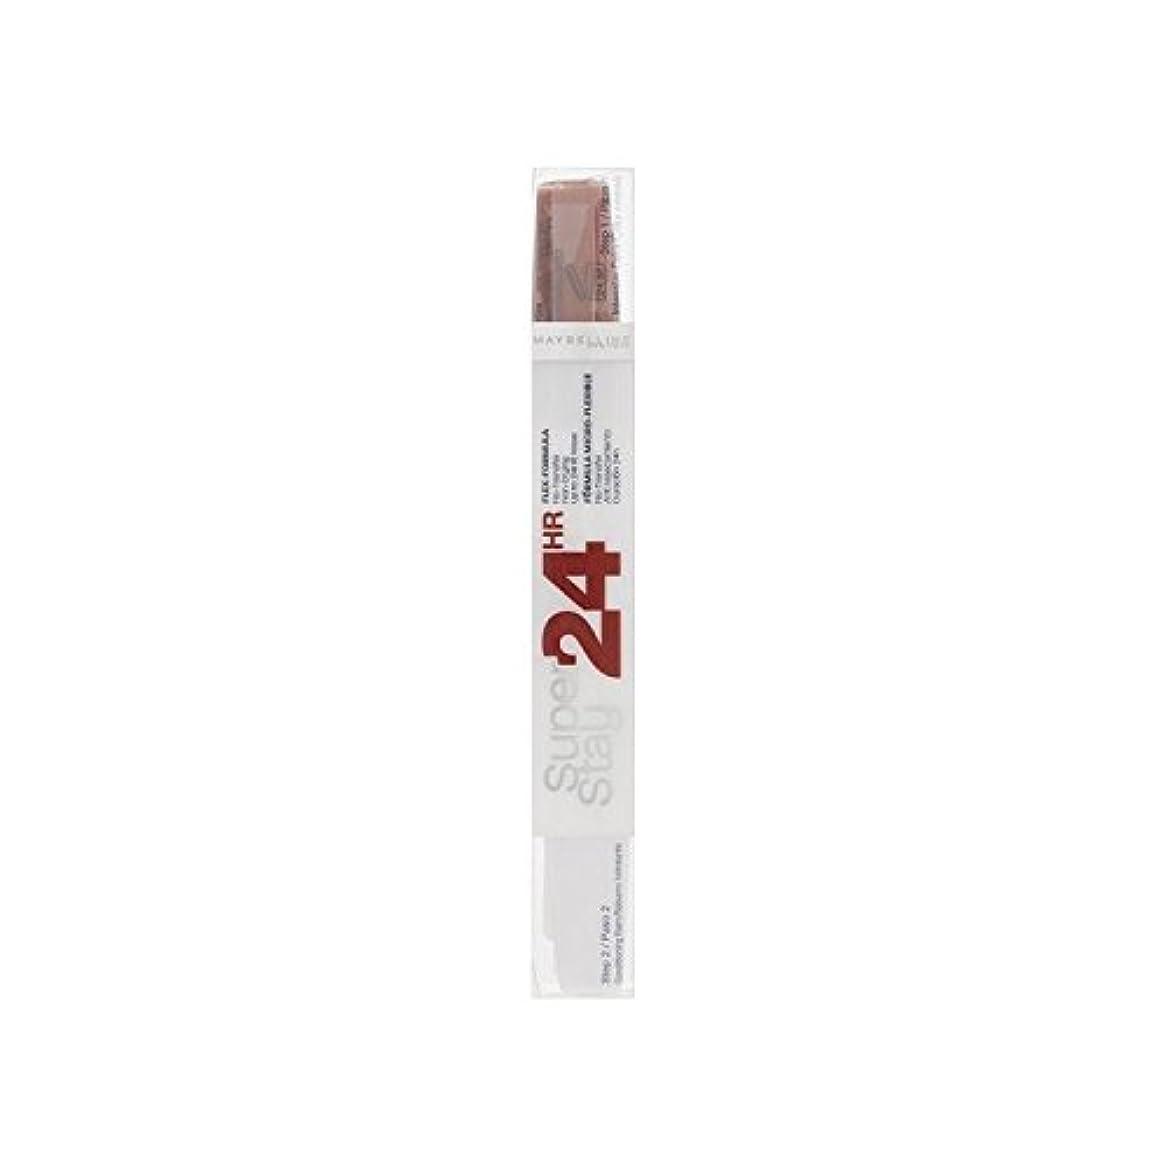 スリーブ性格辞任するMaybelline SuperStay24H Dual Lipstick 575 Pink Spice 9ml - メイベリン24デュアル口紅575ピンクスパイス9ミリリットル [並行輸入品]